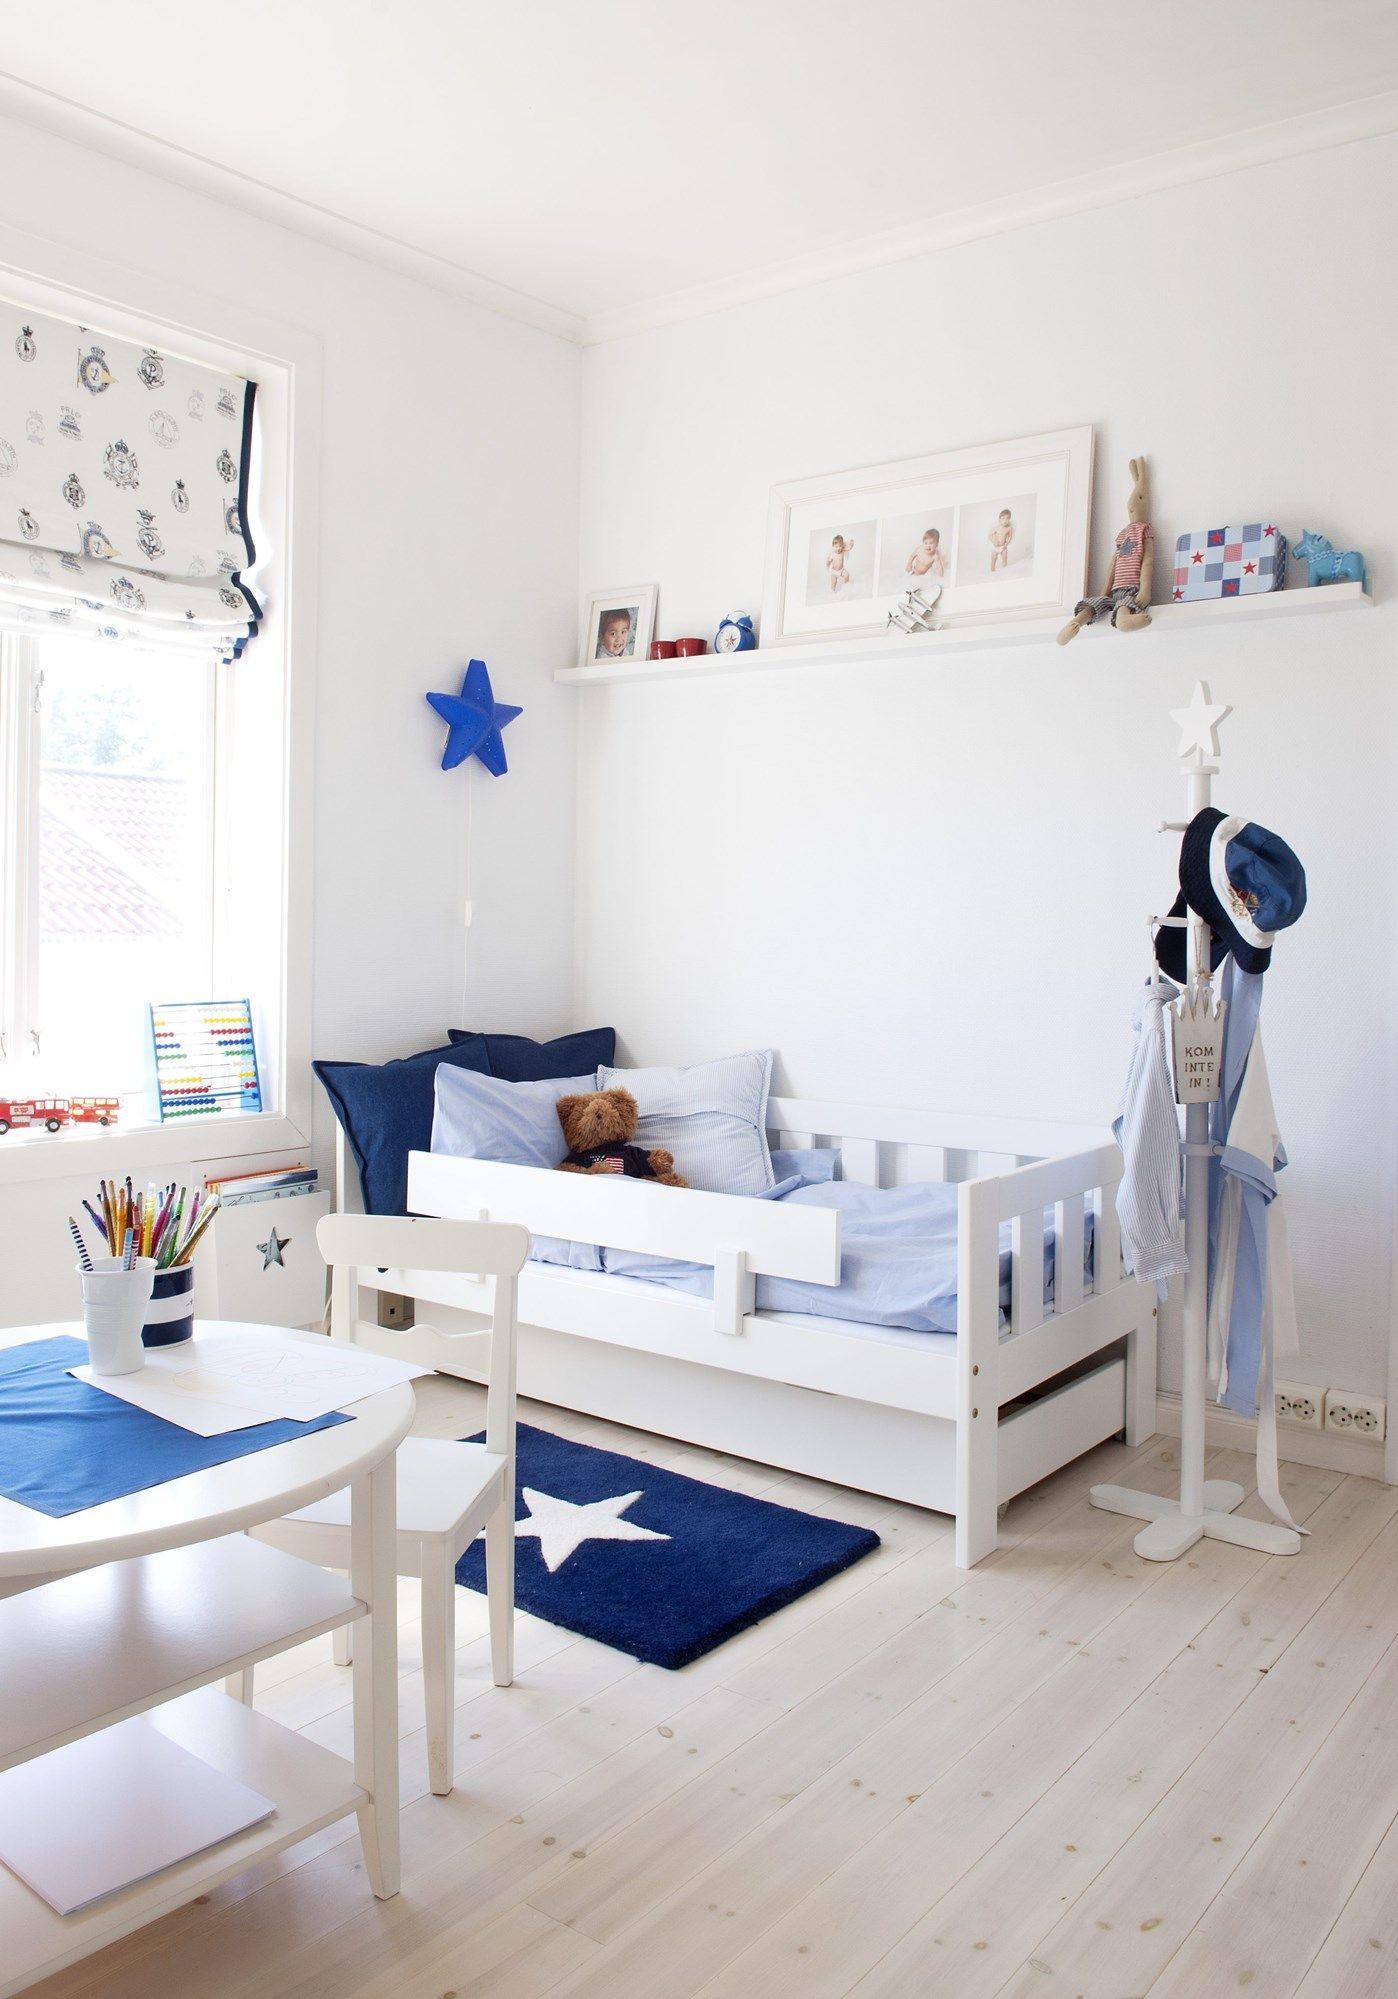 Habitacin infantil en azul y blanco  Kids room in blue